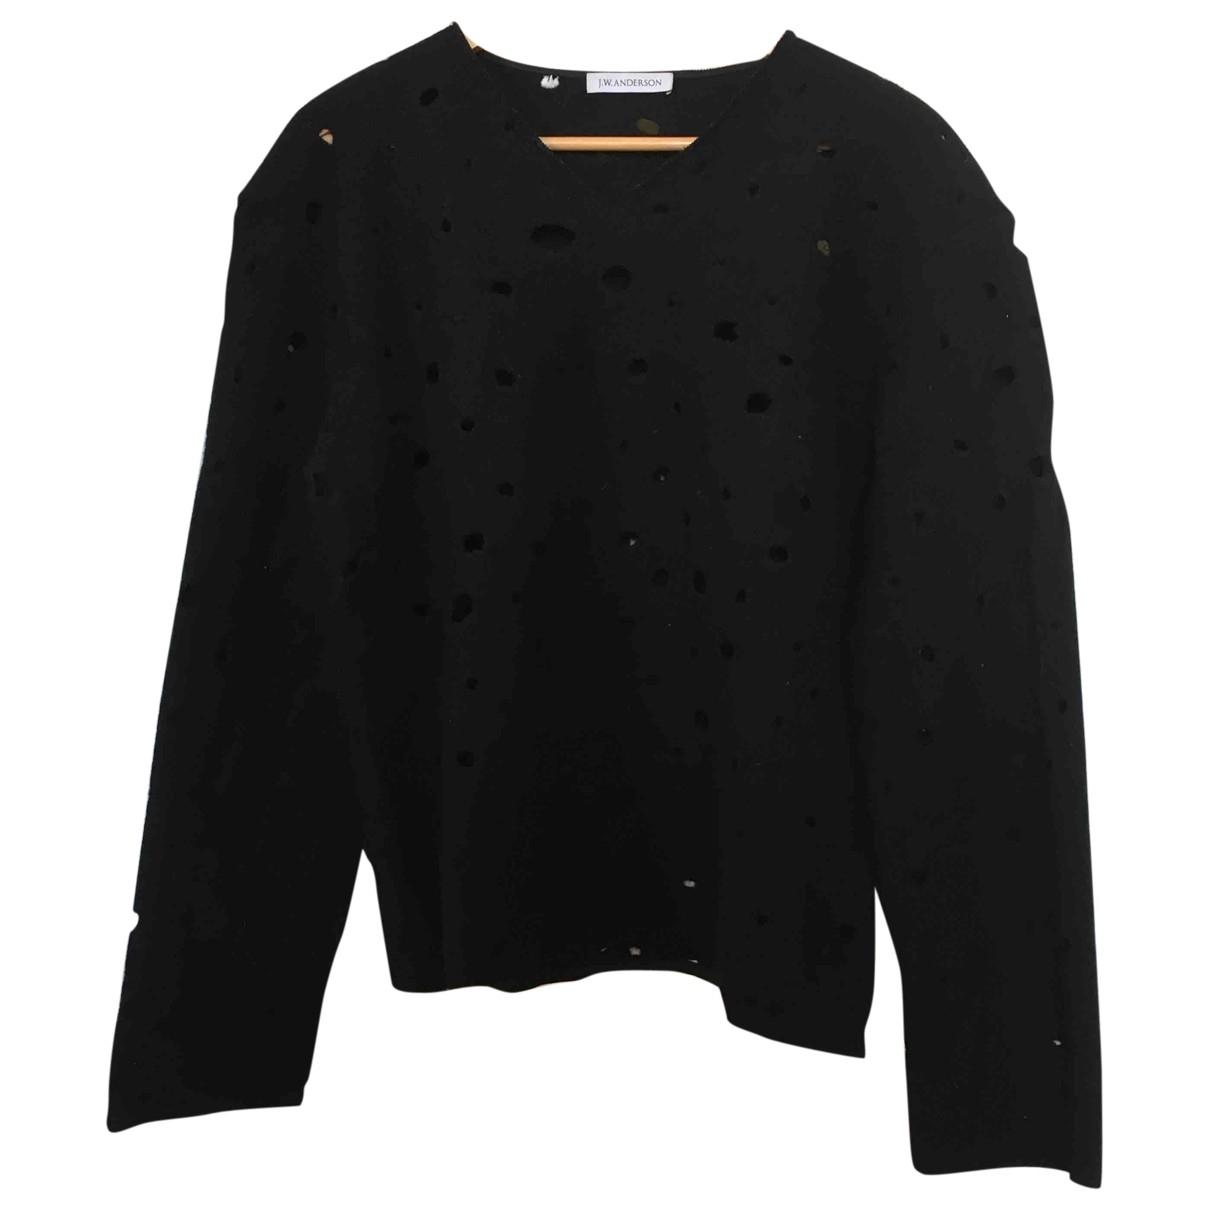 J.w. Anderson \N Black Wool Knitwear & Sweatshirts for Men XL International